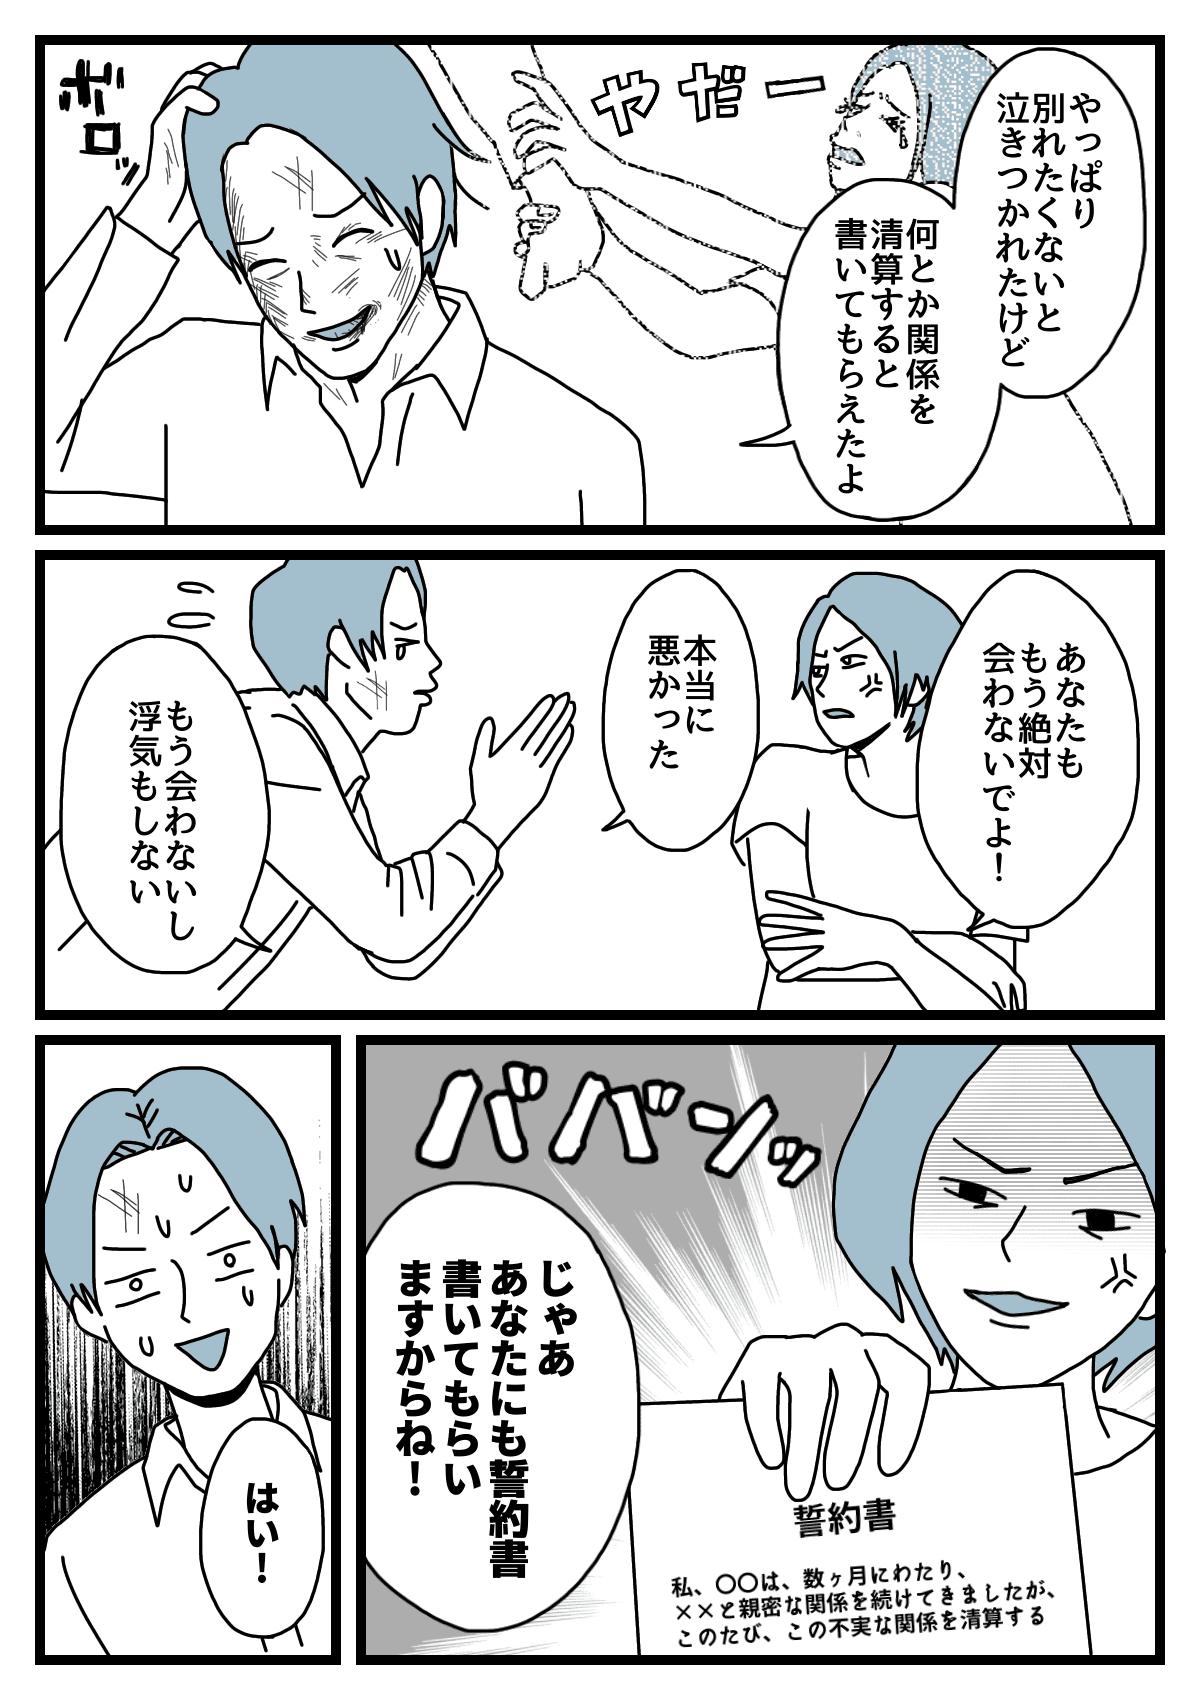 【後編:ダメパパ図鑑65人目】浮気相手3